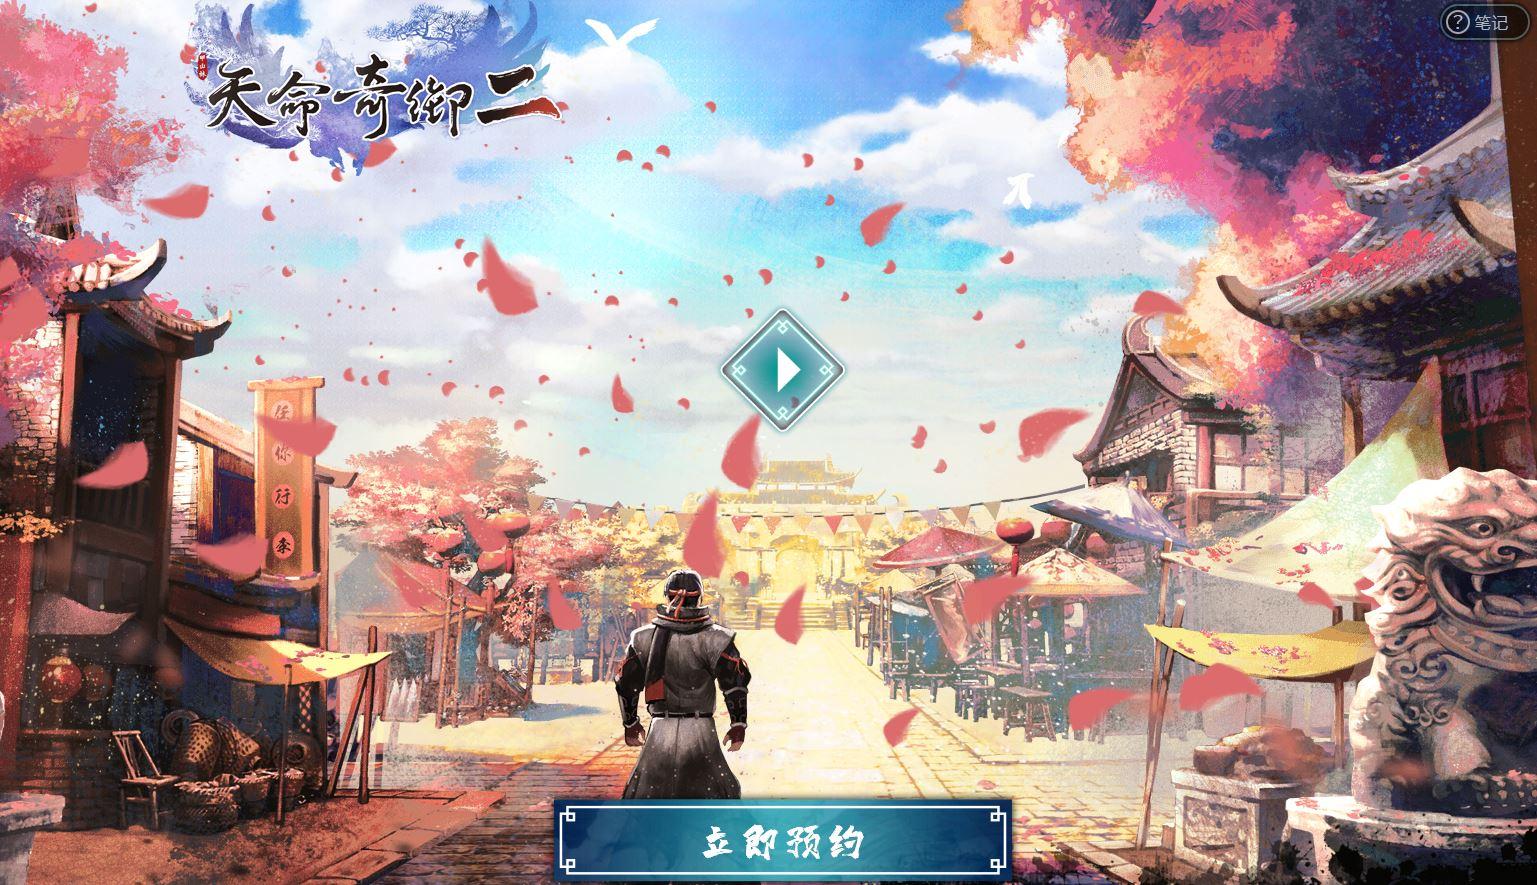 《天命奇御2》官方悬念站上线 可进行游戏预约